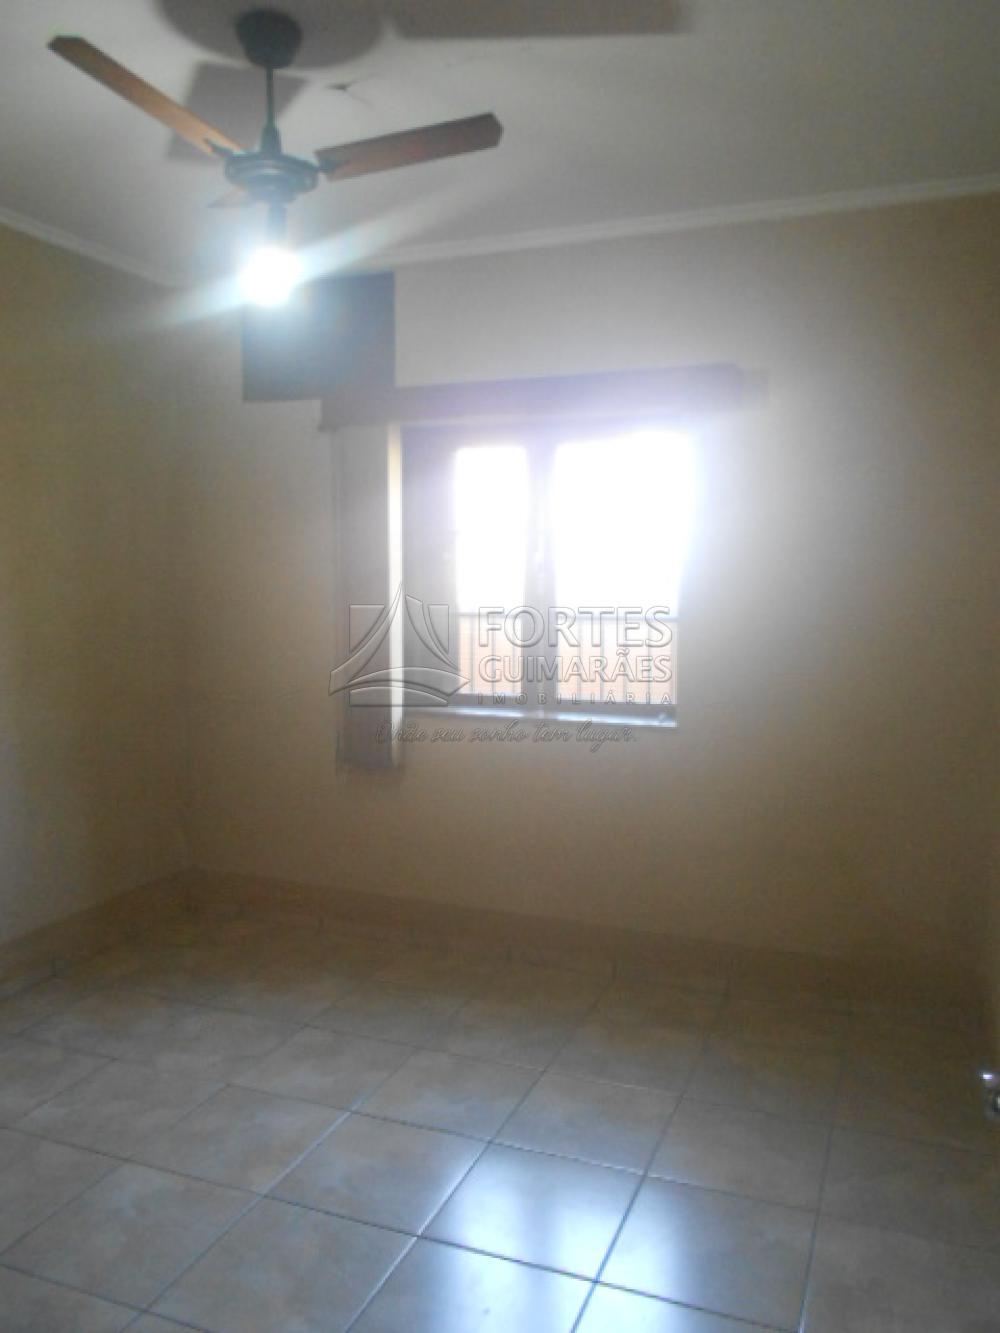 Alugar Casas / Padrão em Ribeirão Preto apenas R$ 2.500,00 - Foto 27